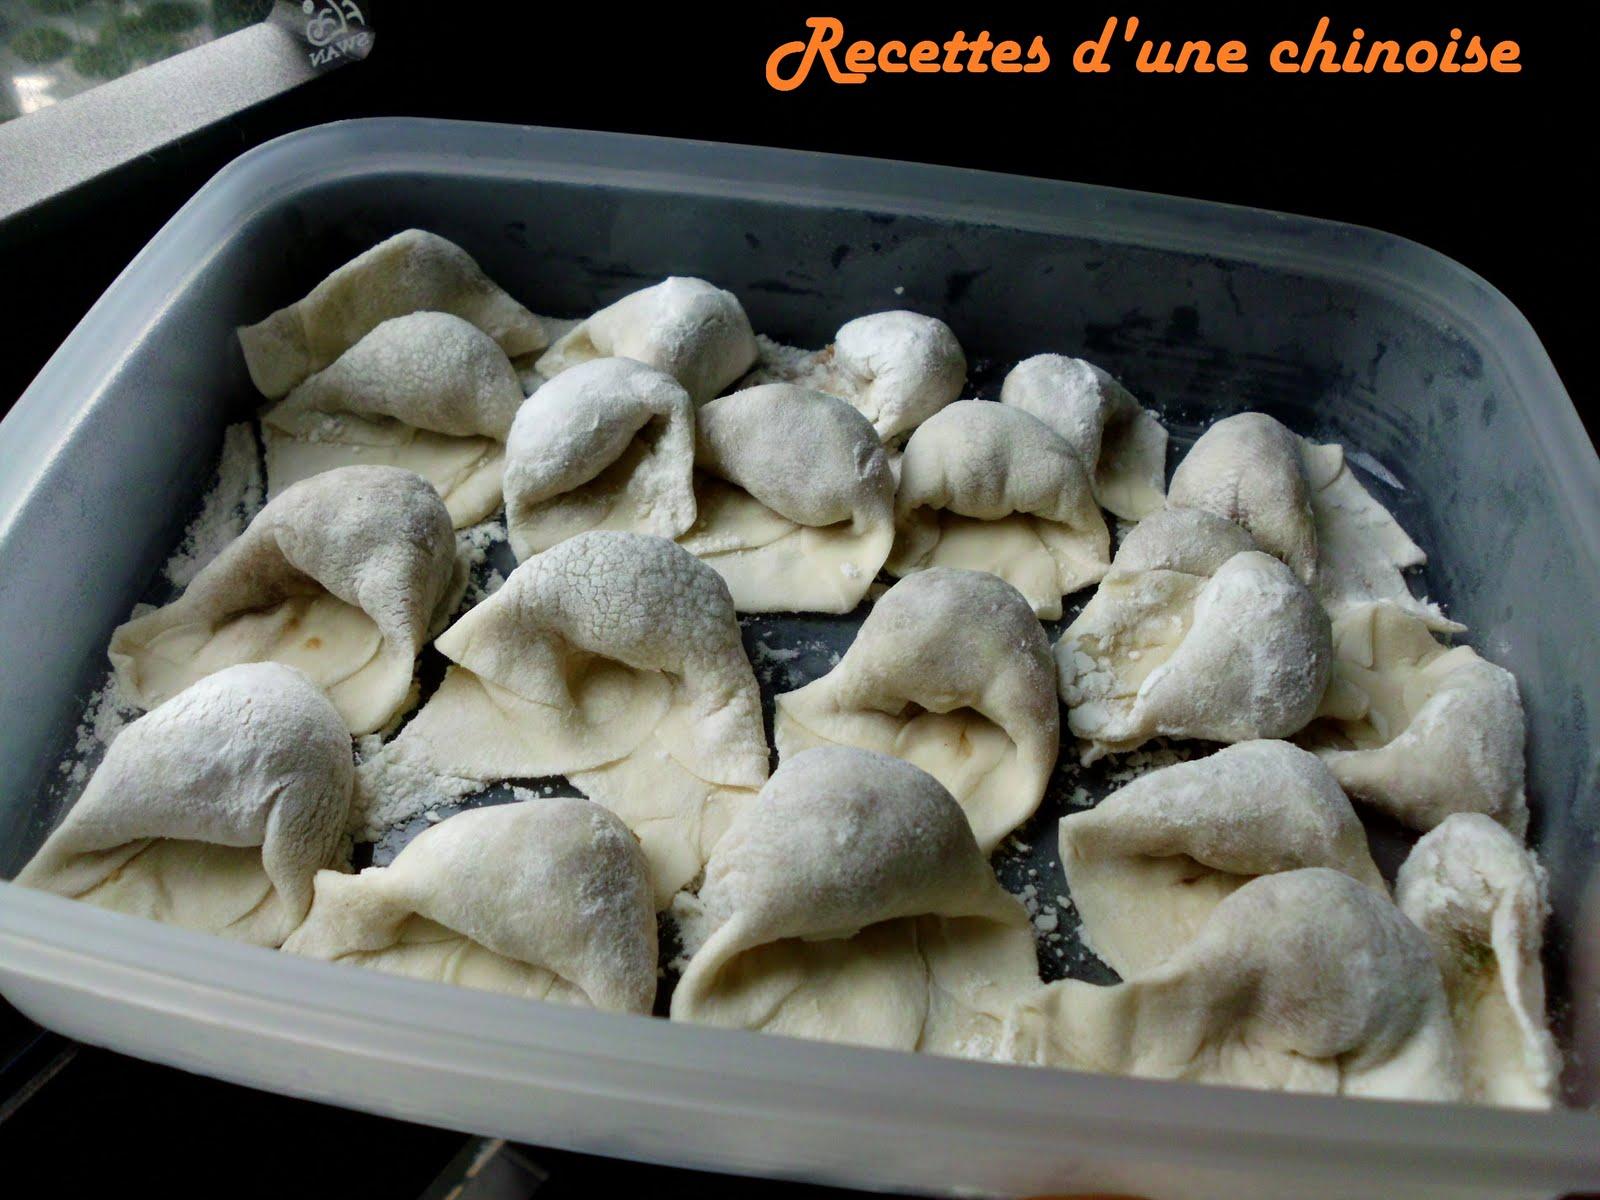 recettes d 39 une chinoise won ton petits raviolis dans la soupe h n tun. Black Bedroom Furniture Sets. Home Design Ideas